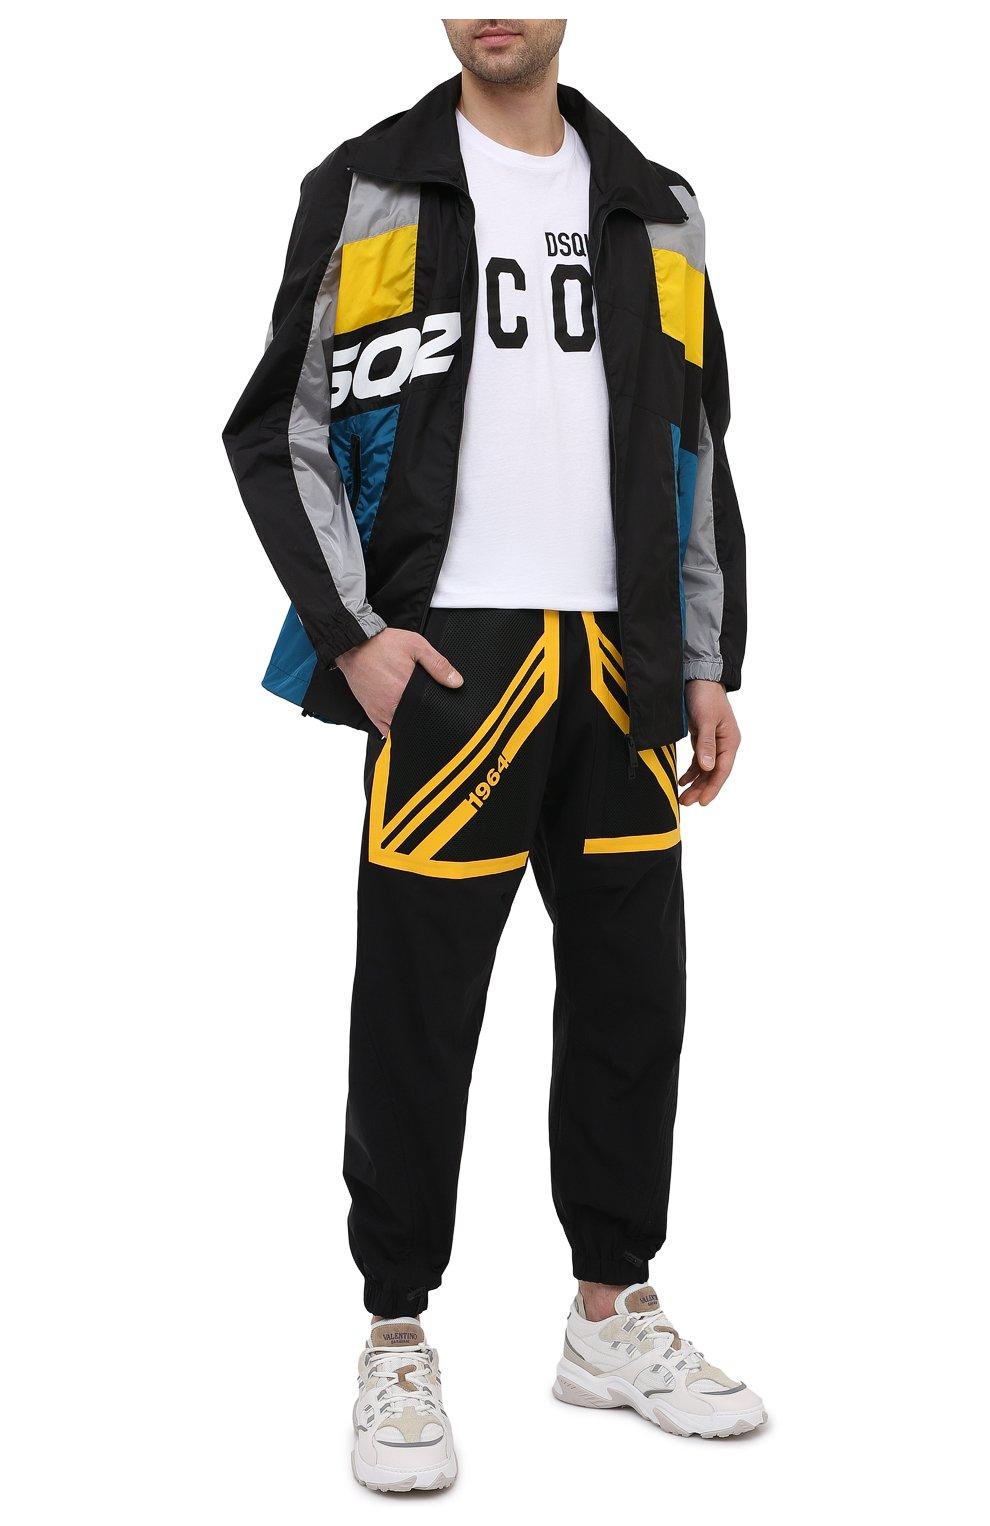 Мужская куртка DSQUARED2 разноцветного цвета, арт. S74AM1132/S49197 | Фото 2 (Кросс-КТ: Куртка, Ветровка; Рукава: Длинные; Длина (верхняя одежда): До середины бедра; Материал внешний: Синтетический материал; Стили: Гранж, Спорт-шик)